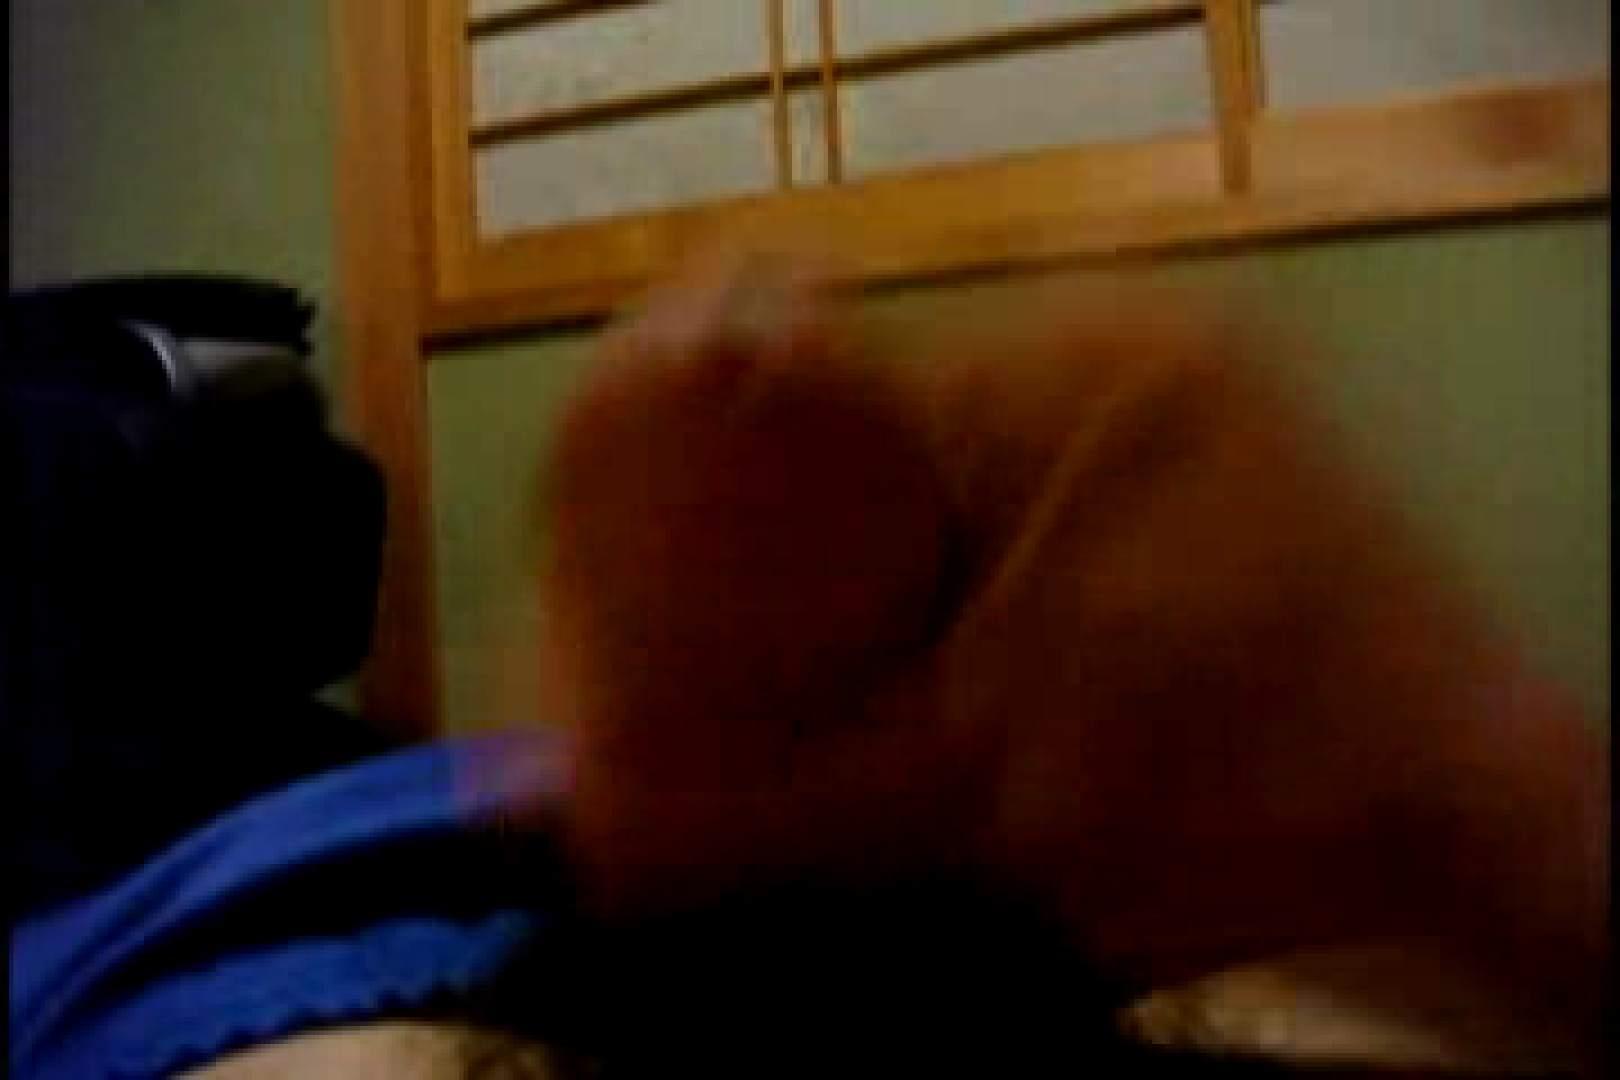 オナ好きノンケテニス部員の自画撮り投稿vol.02 流出  104pic 34